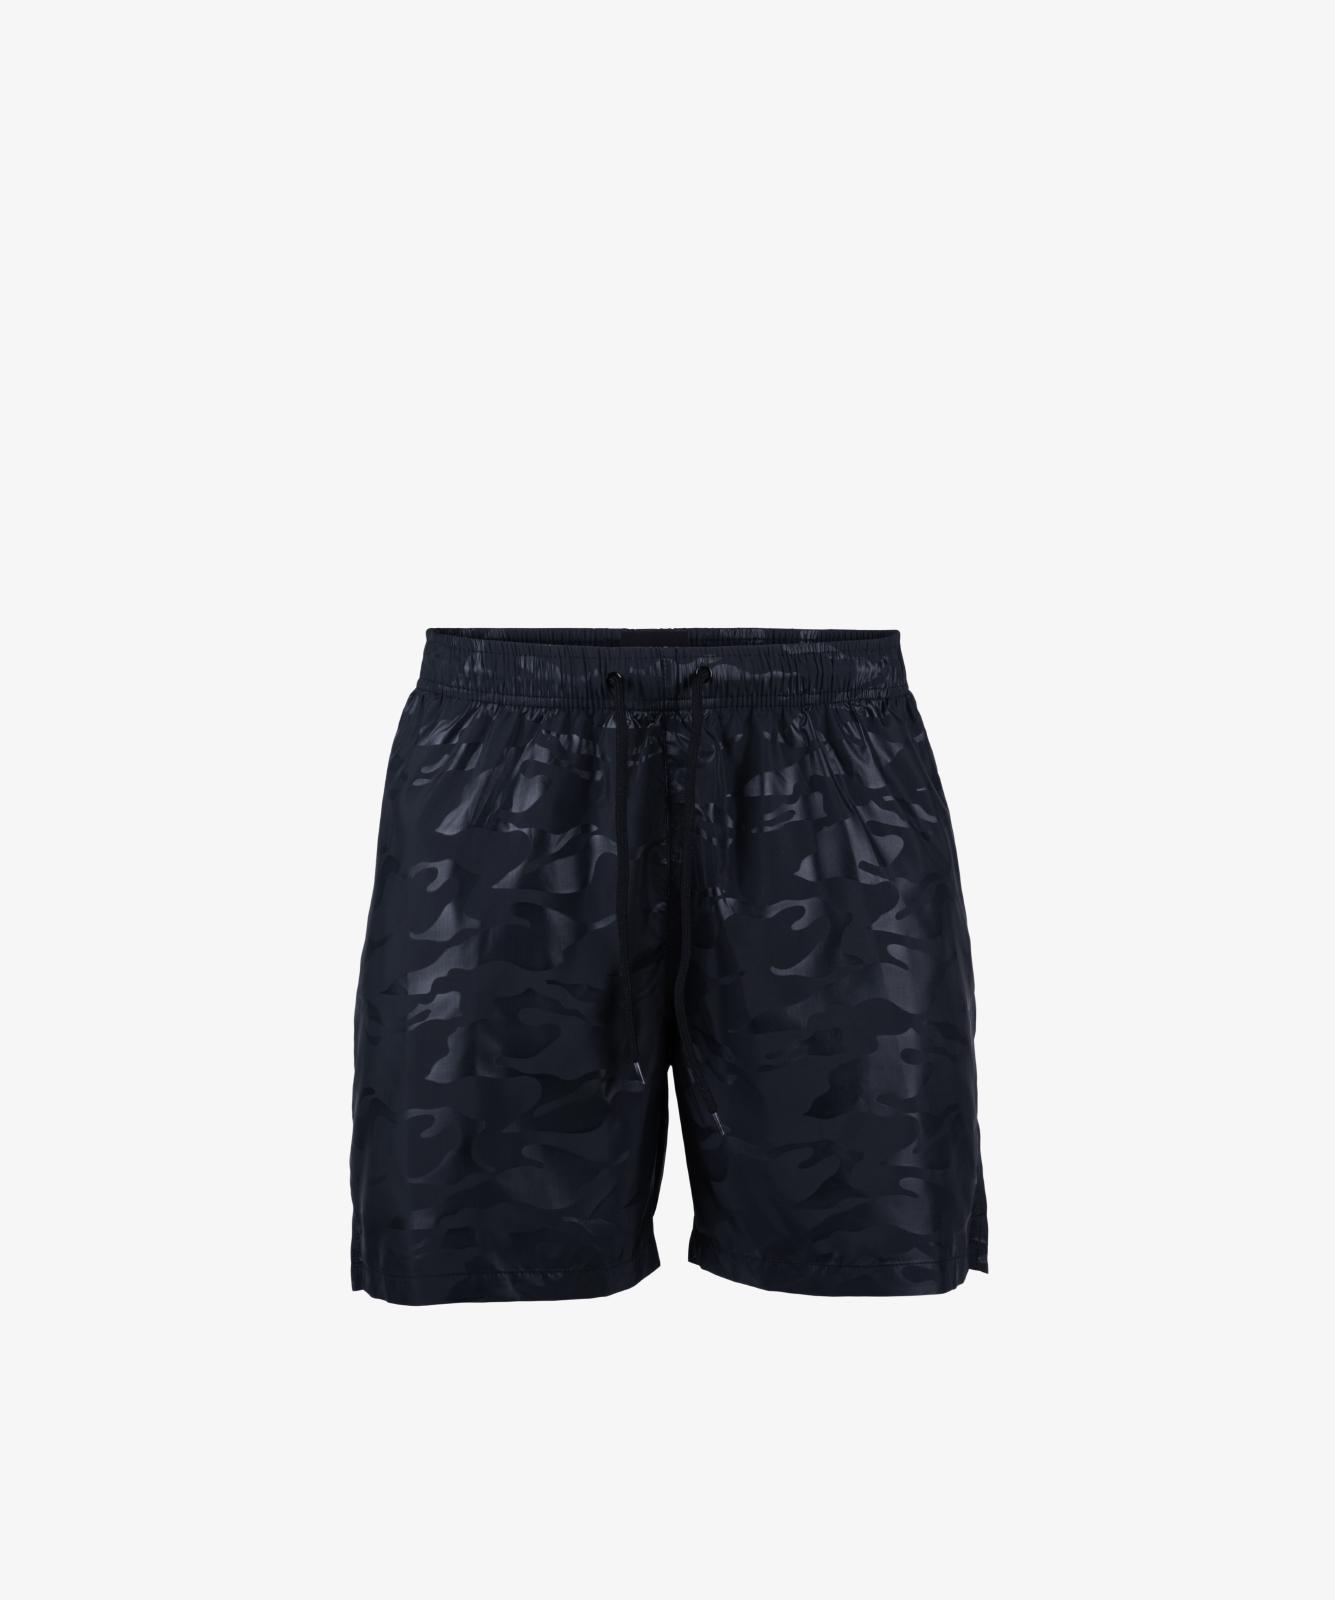 Пляжные шорты мужские Atlantic, 1 шт. в уп., полиэстер, черные, KMB-194